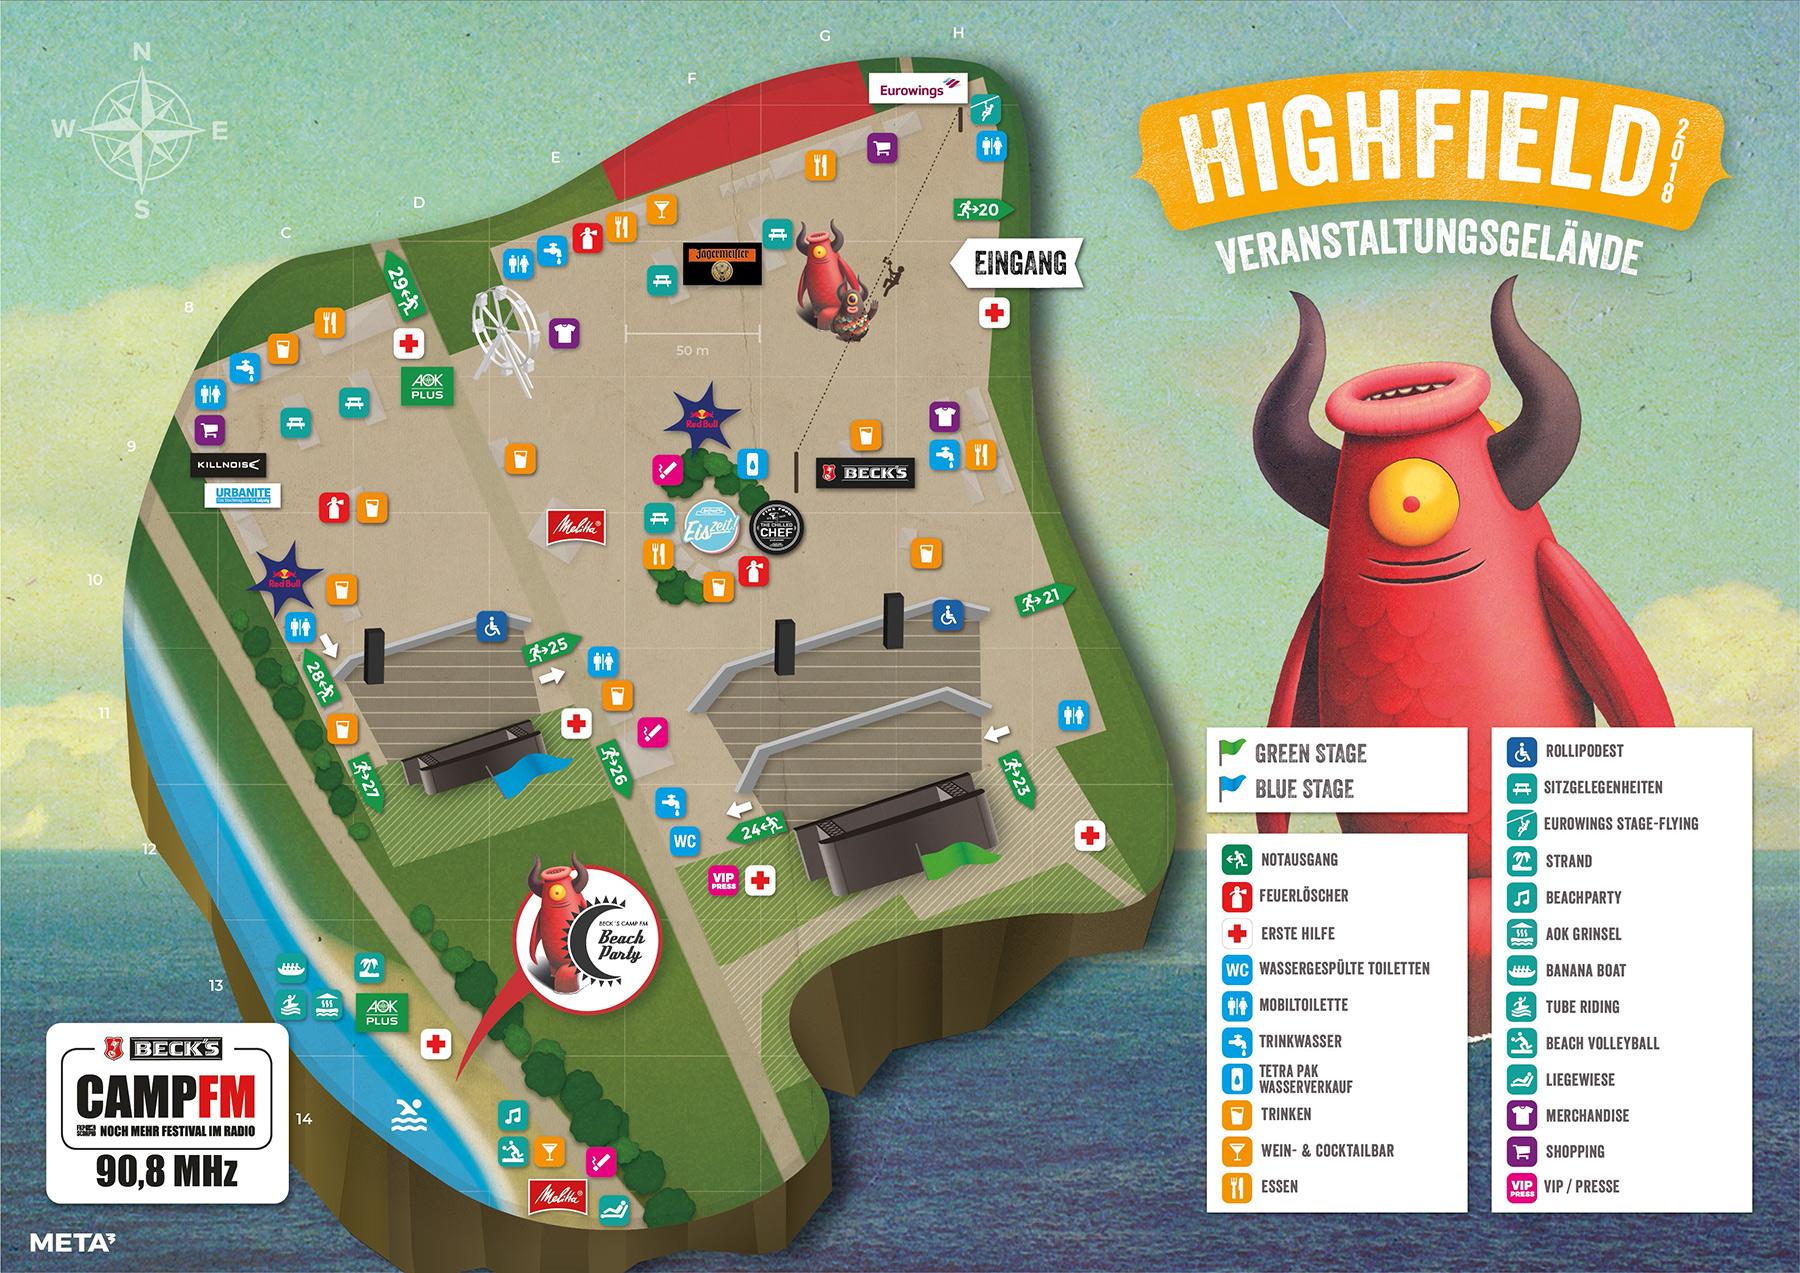 Highfield 2018 Geländeplan Infield